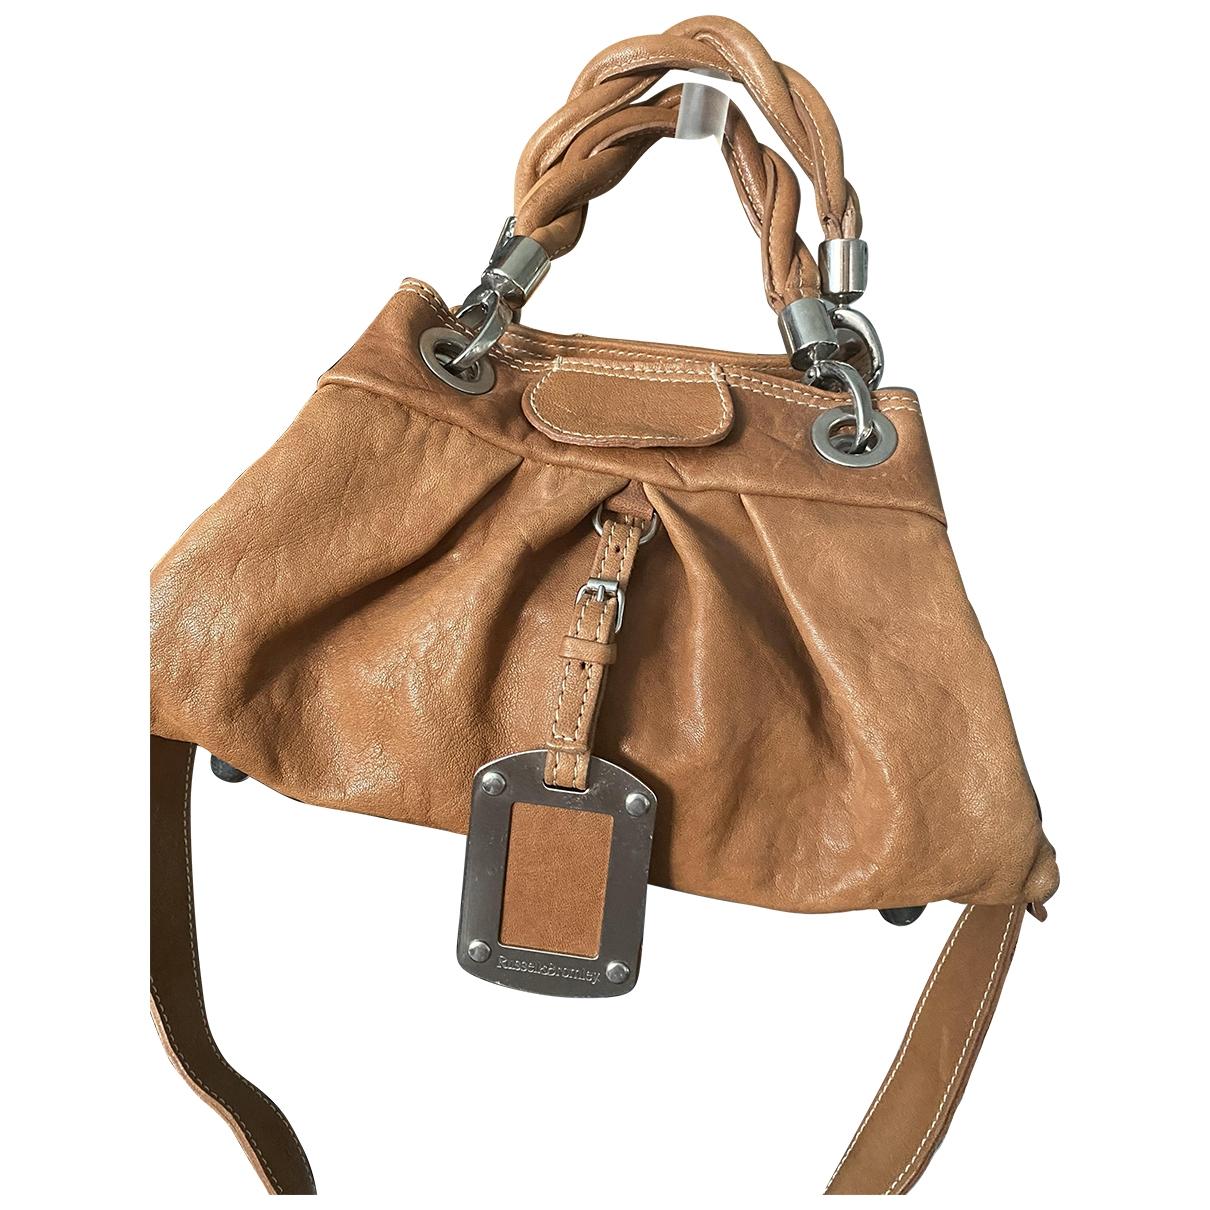 Russell & Bromley \N Handtasche in  Kamel Leder